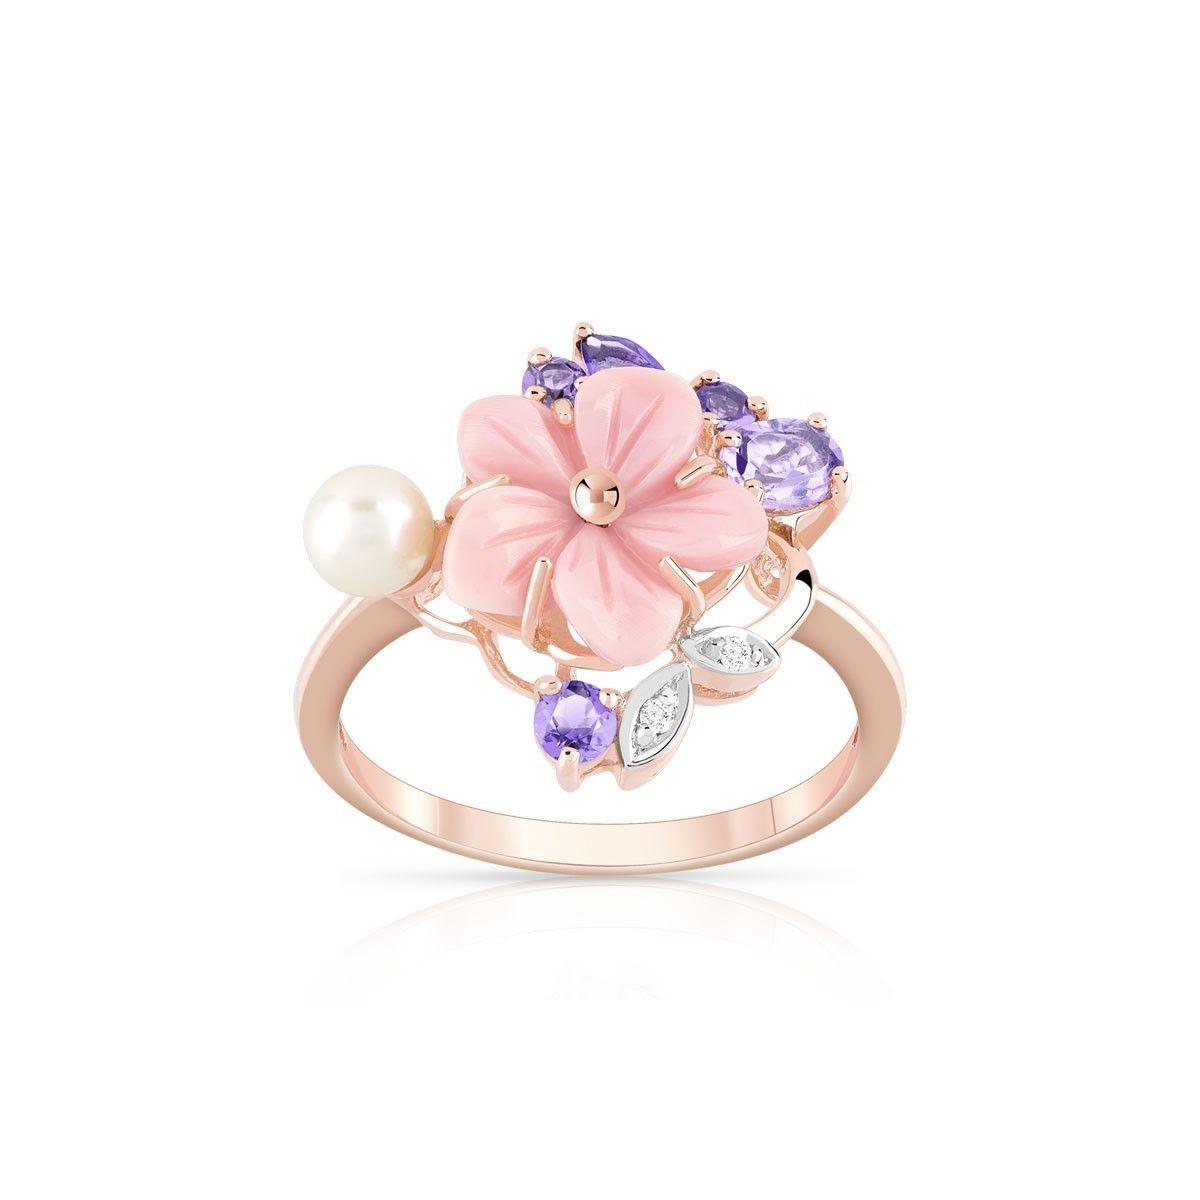 bague or 375 rose morganite et diamant